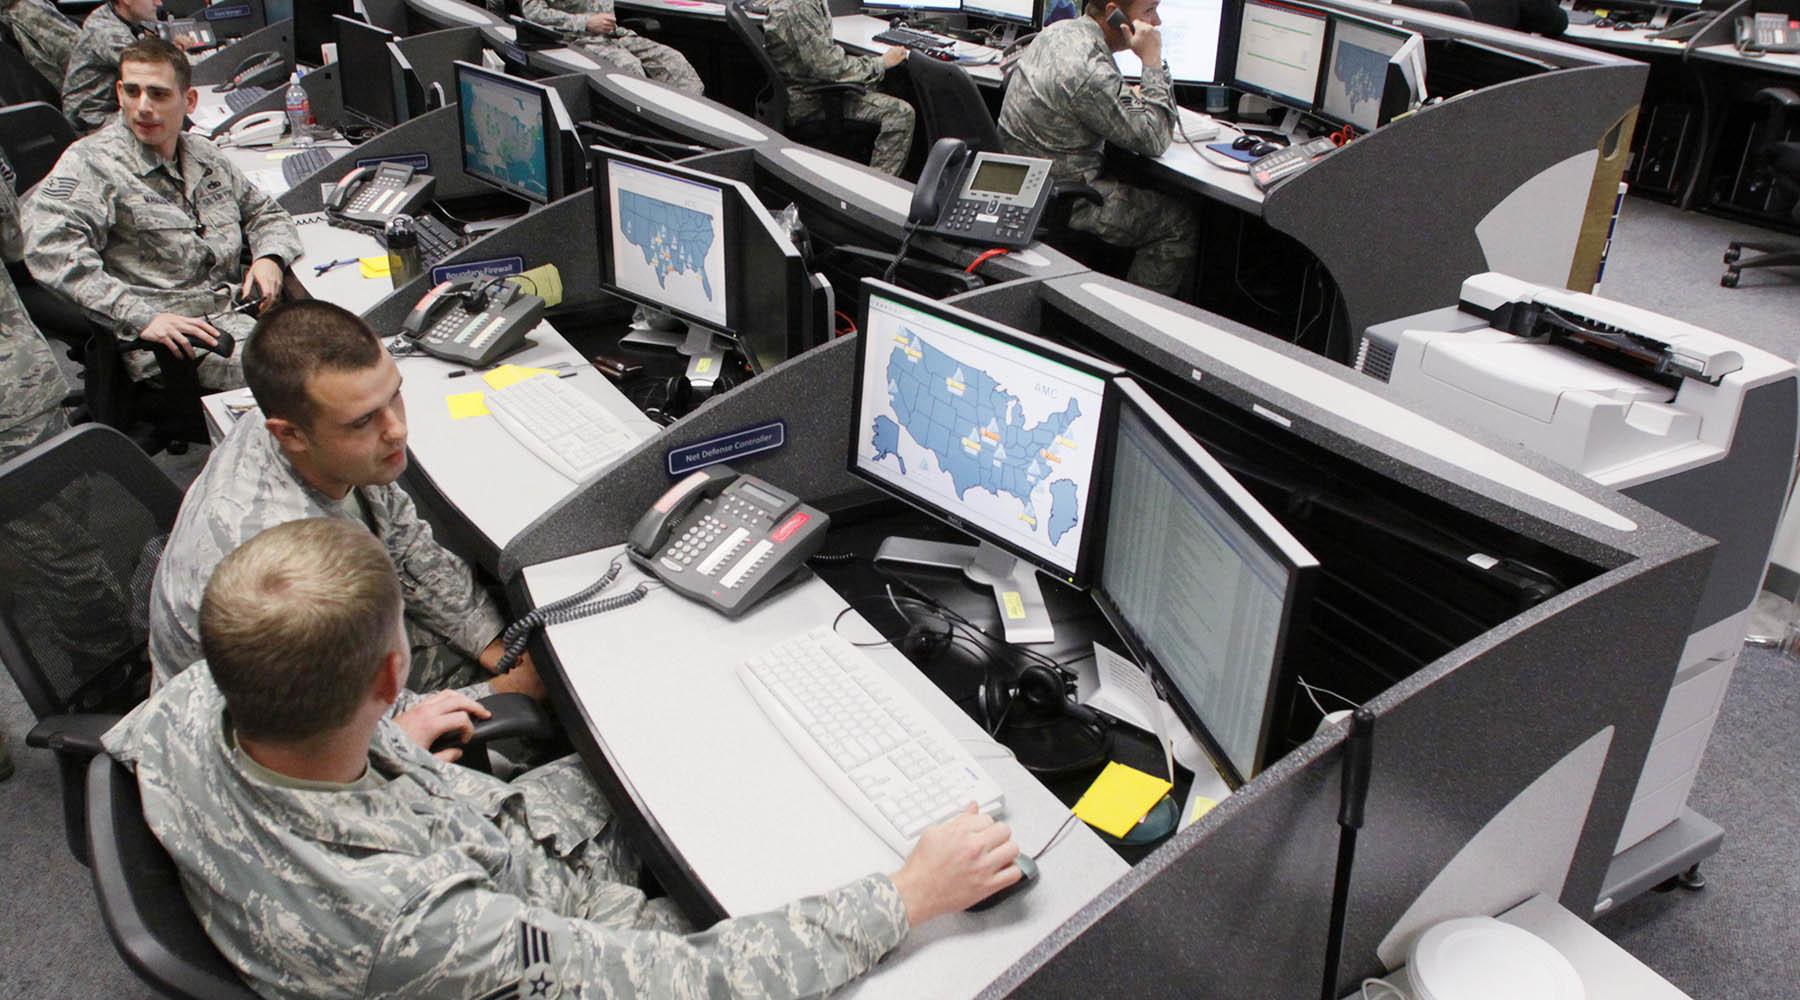 ВМС США будут мониторить соцсети на русском, английском и французском языках